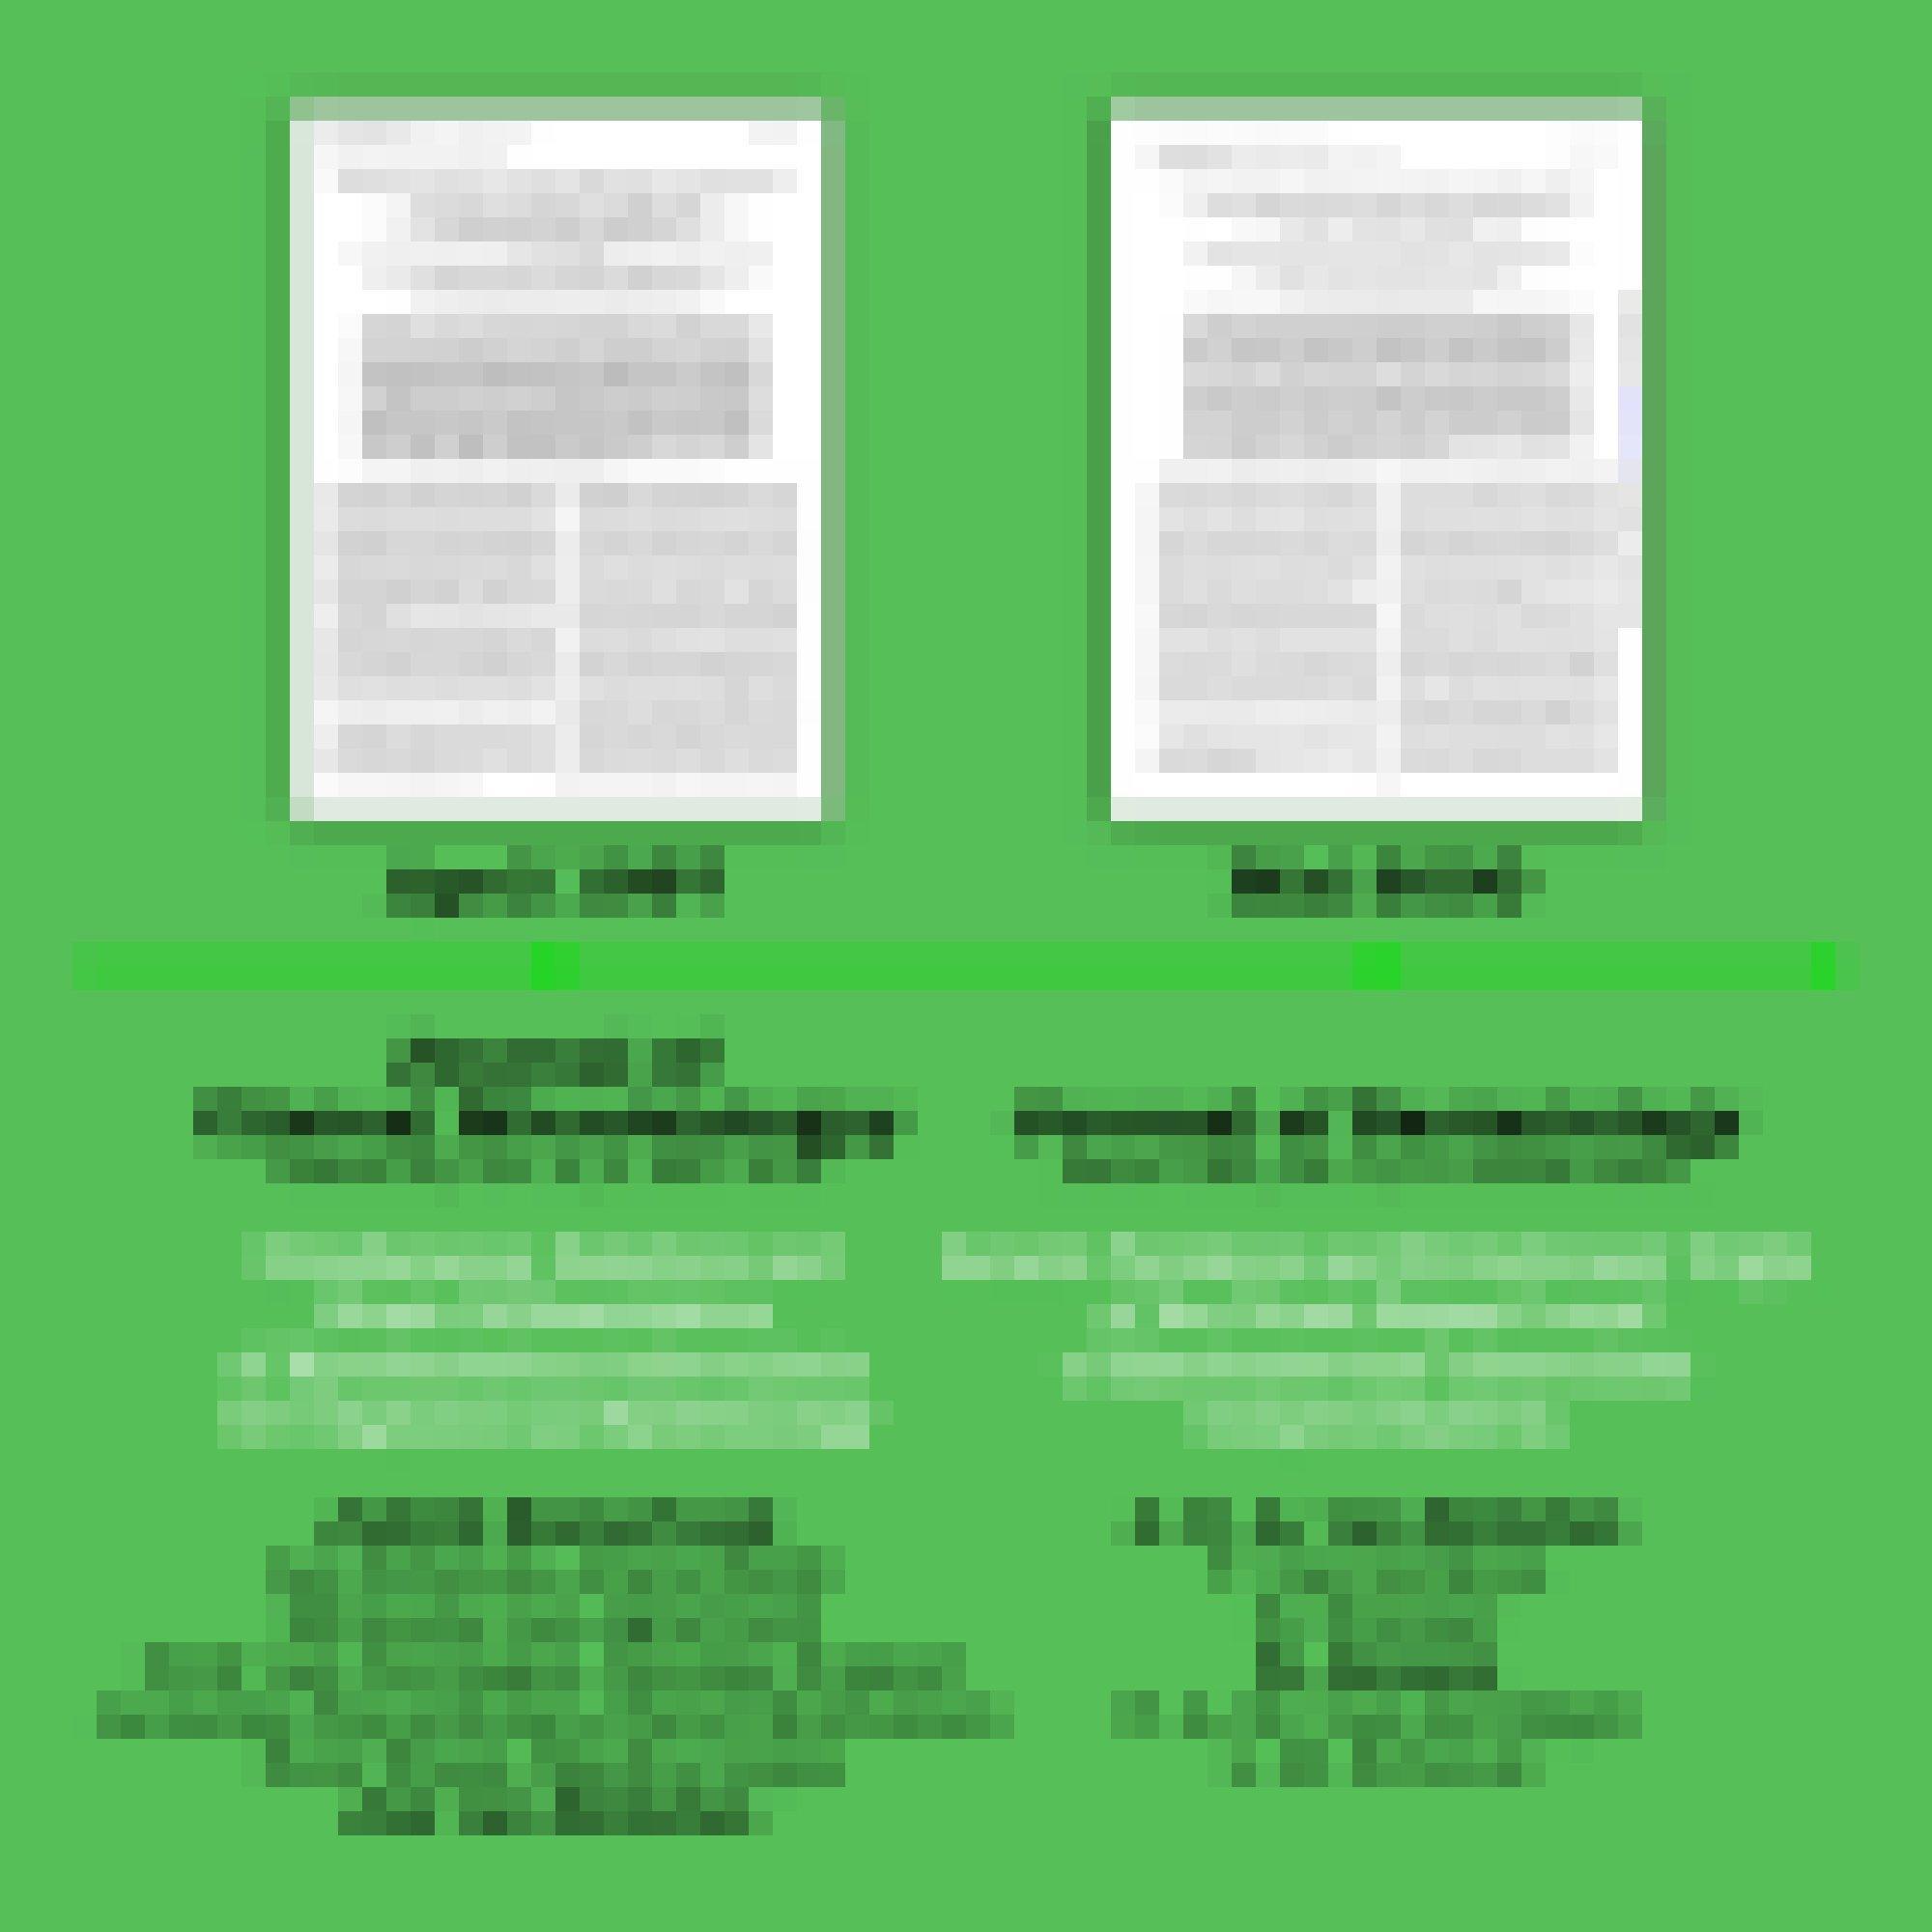 Zwei Fachartikel mit bibliographischen Angaben vor grünem Hintergrund.